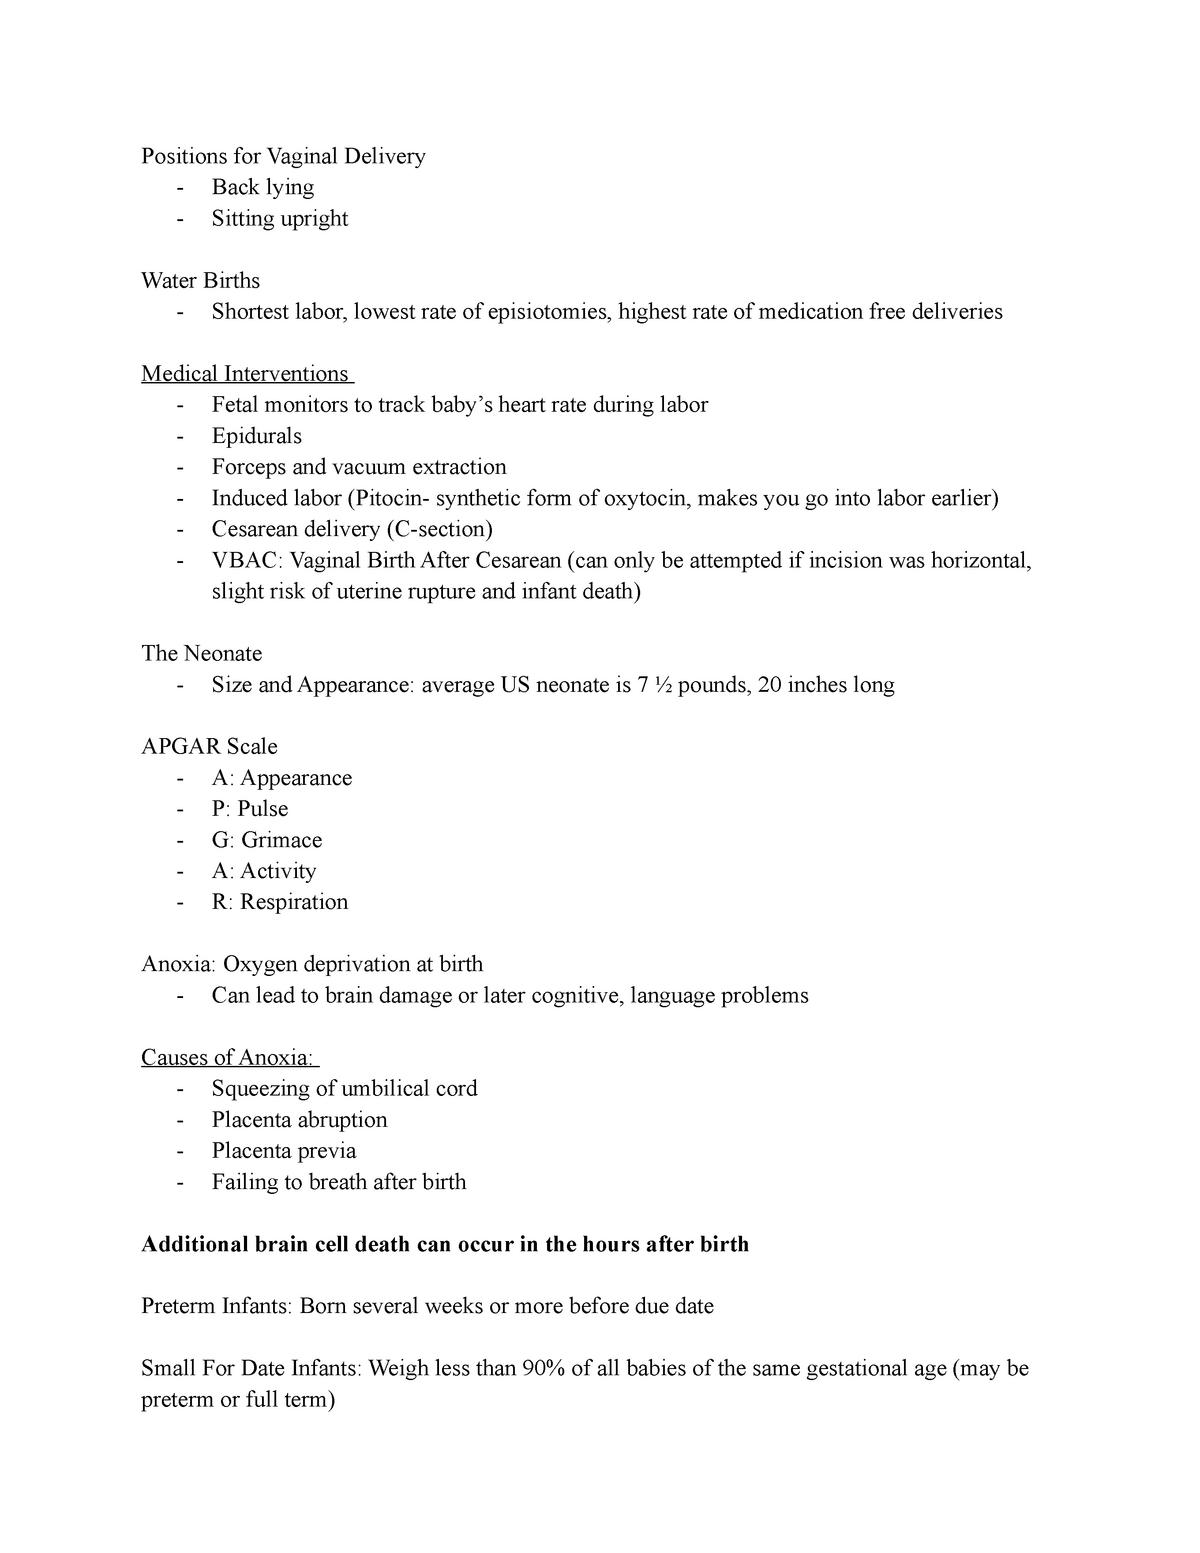 Child Development Notes - CHFD 2135: Child Development - StuDocu